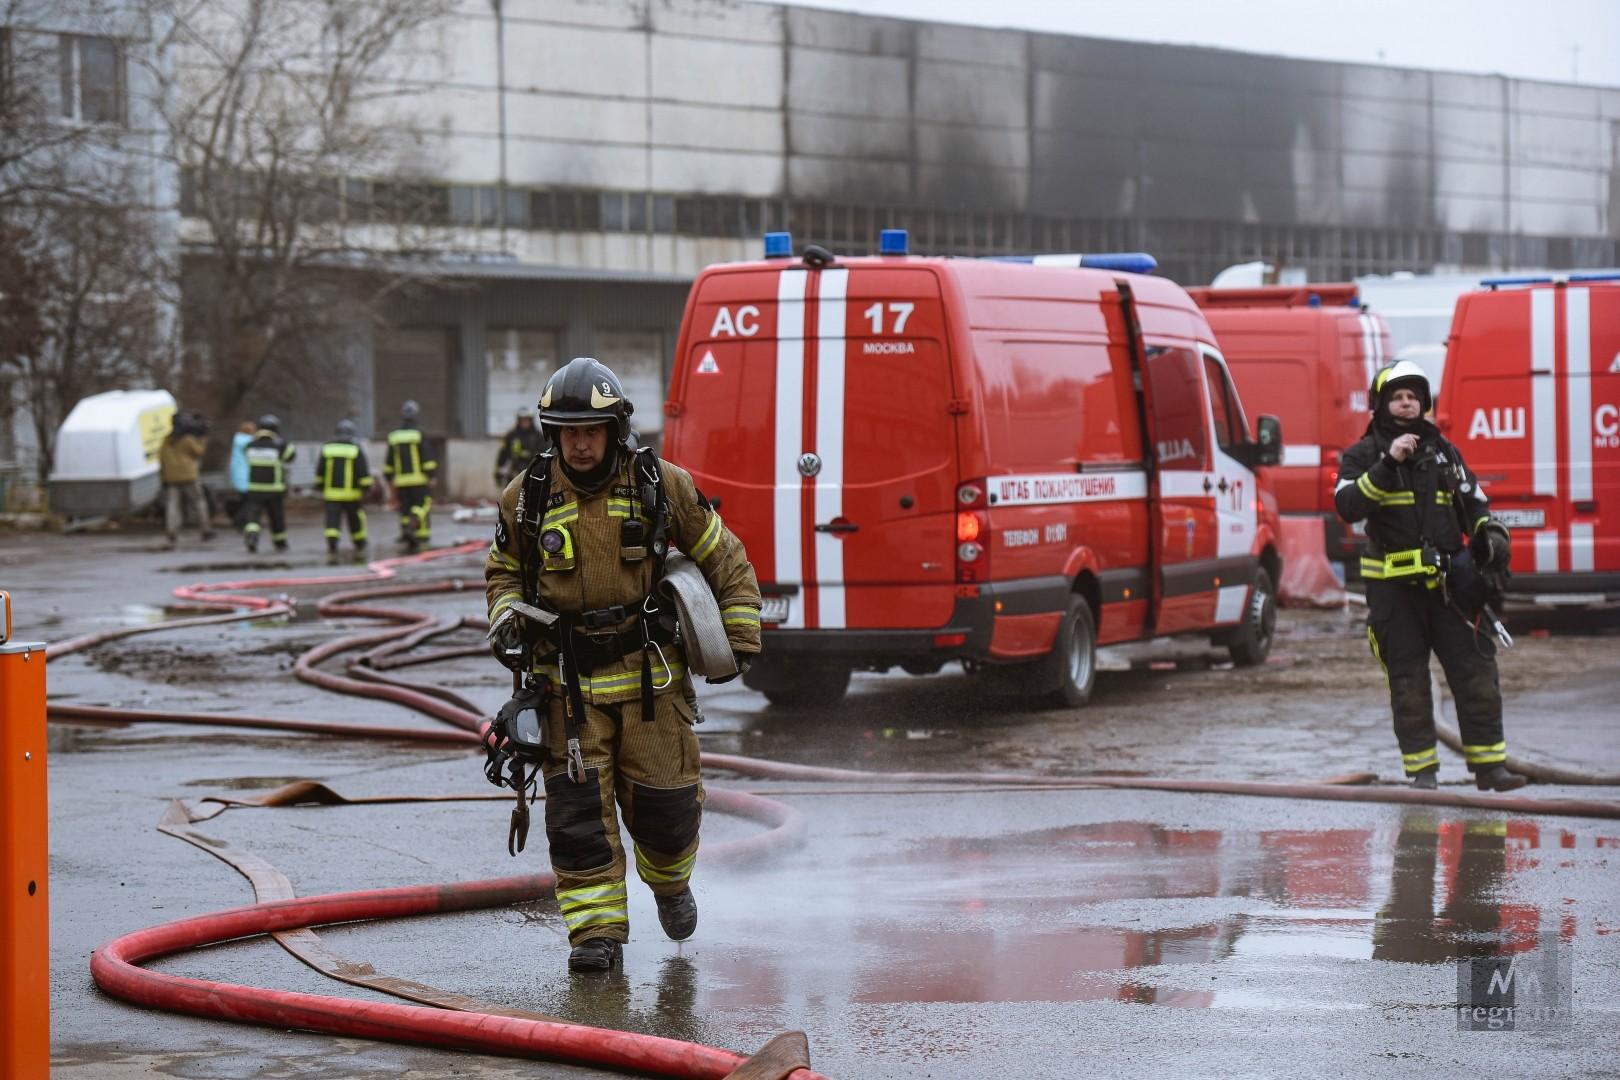 Тушение пожара в промышленной зоне в районе Строгино